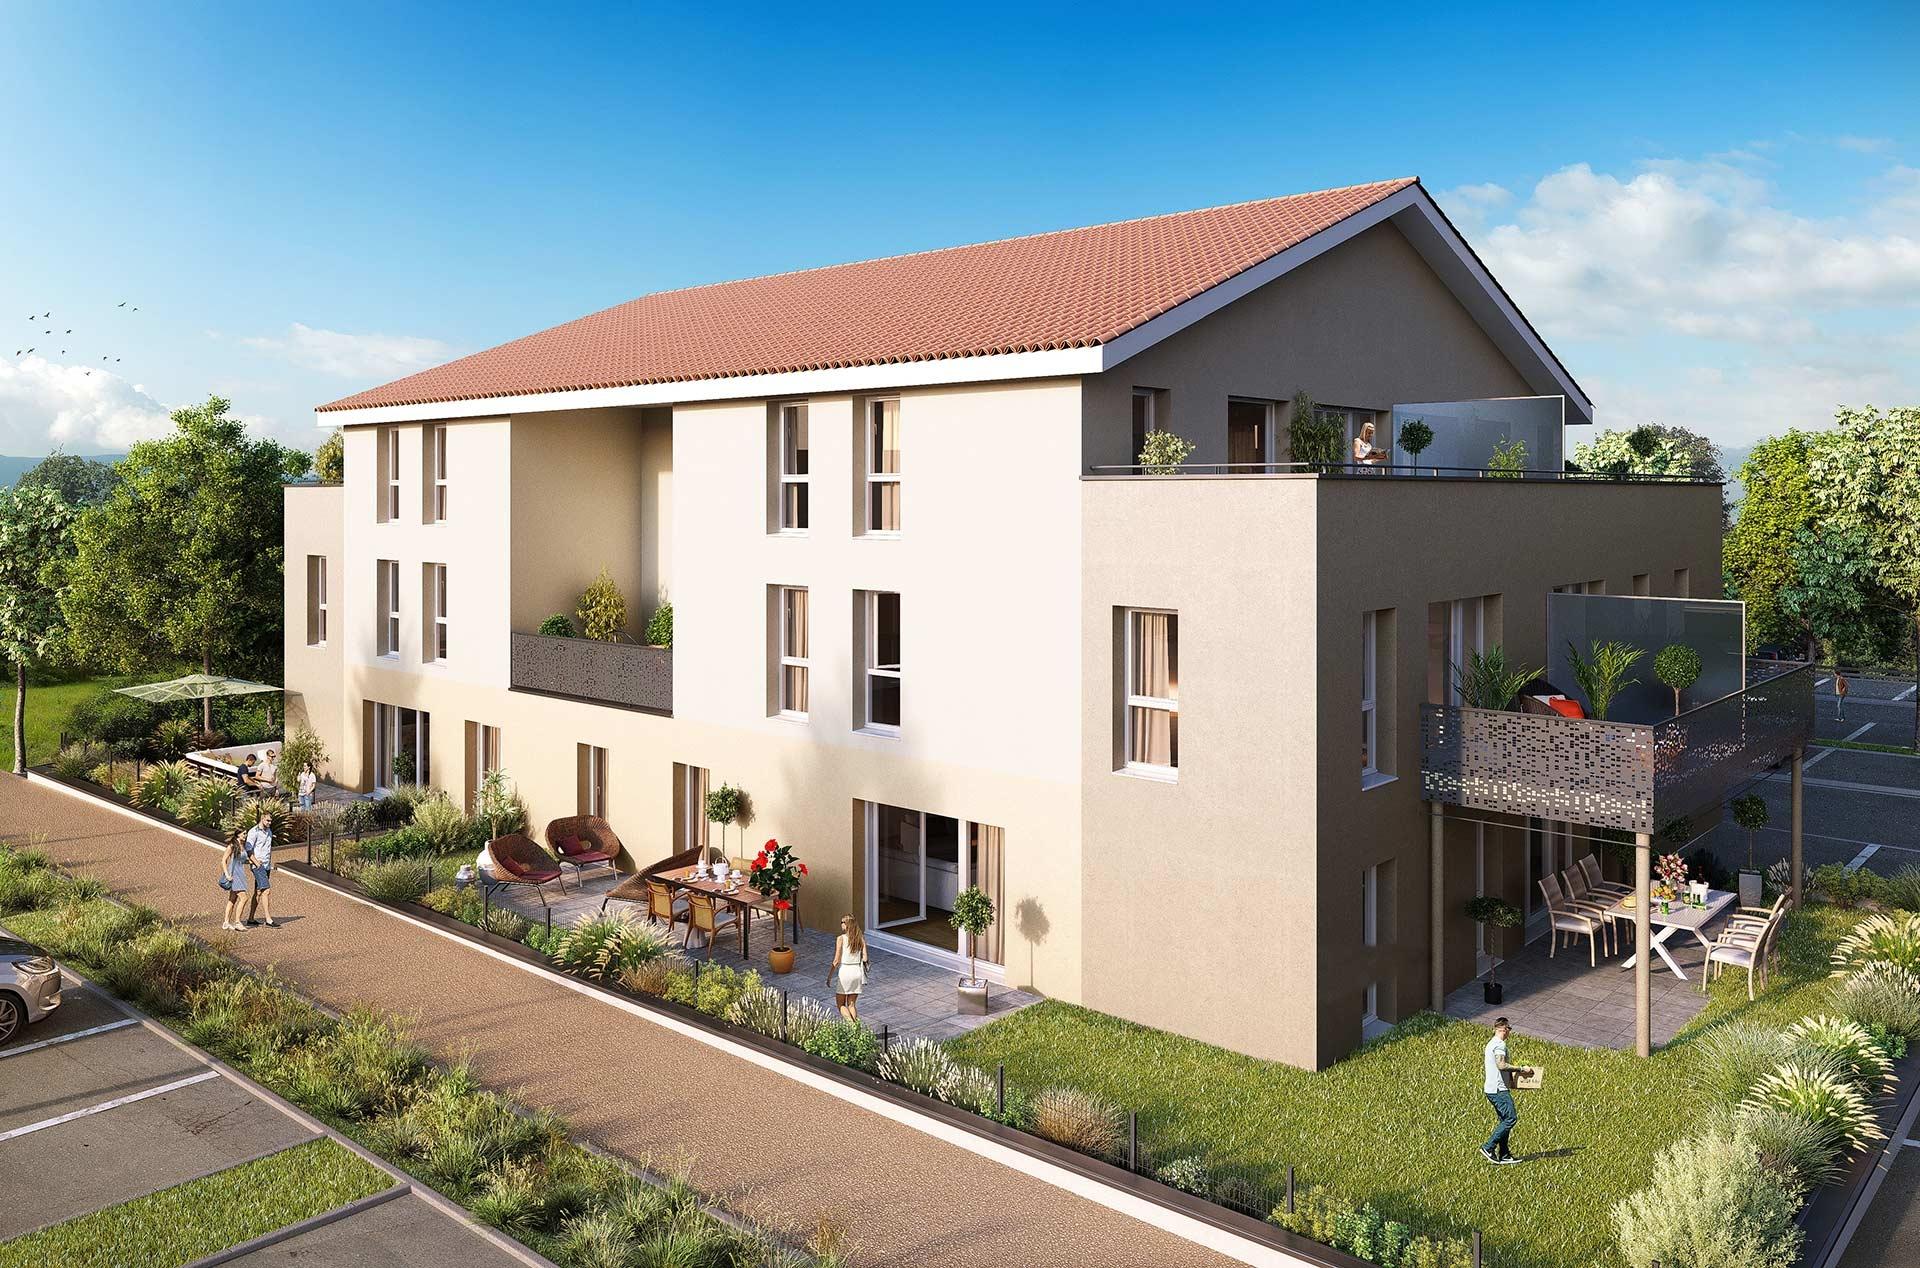 Programme immobilier EUR18 appartement à Chasse-sur-rhone (38670) Quartier calme et apaisant